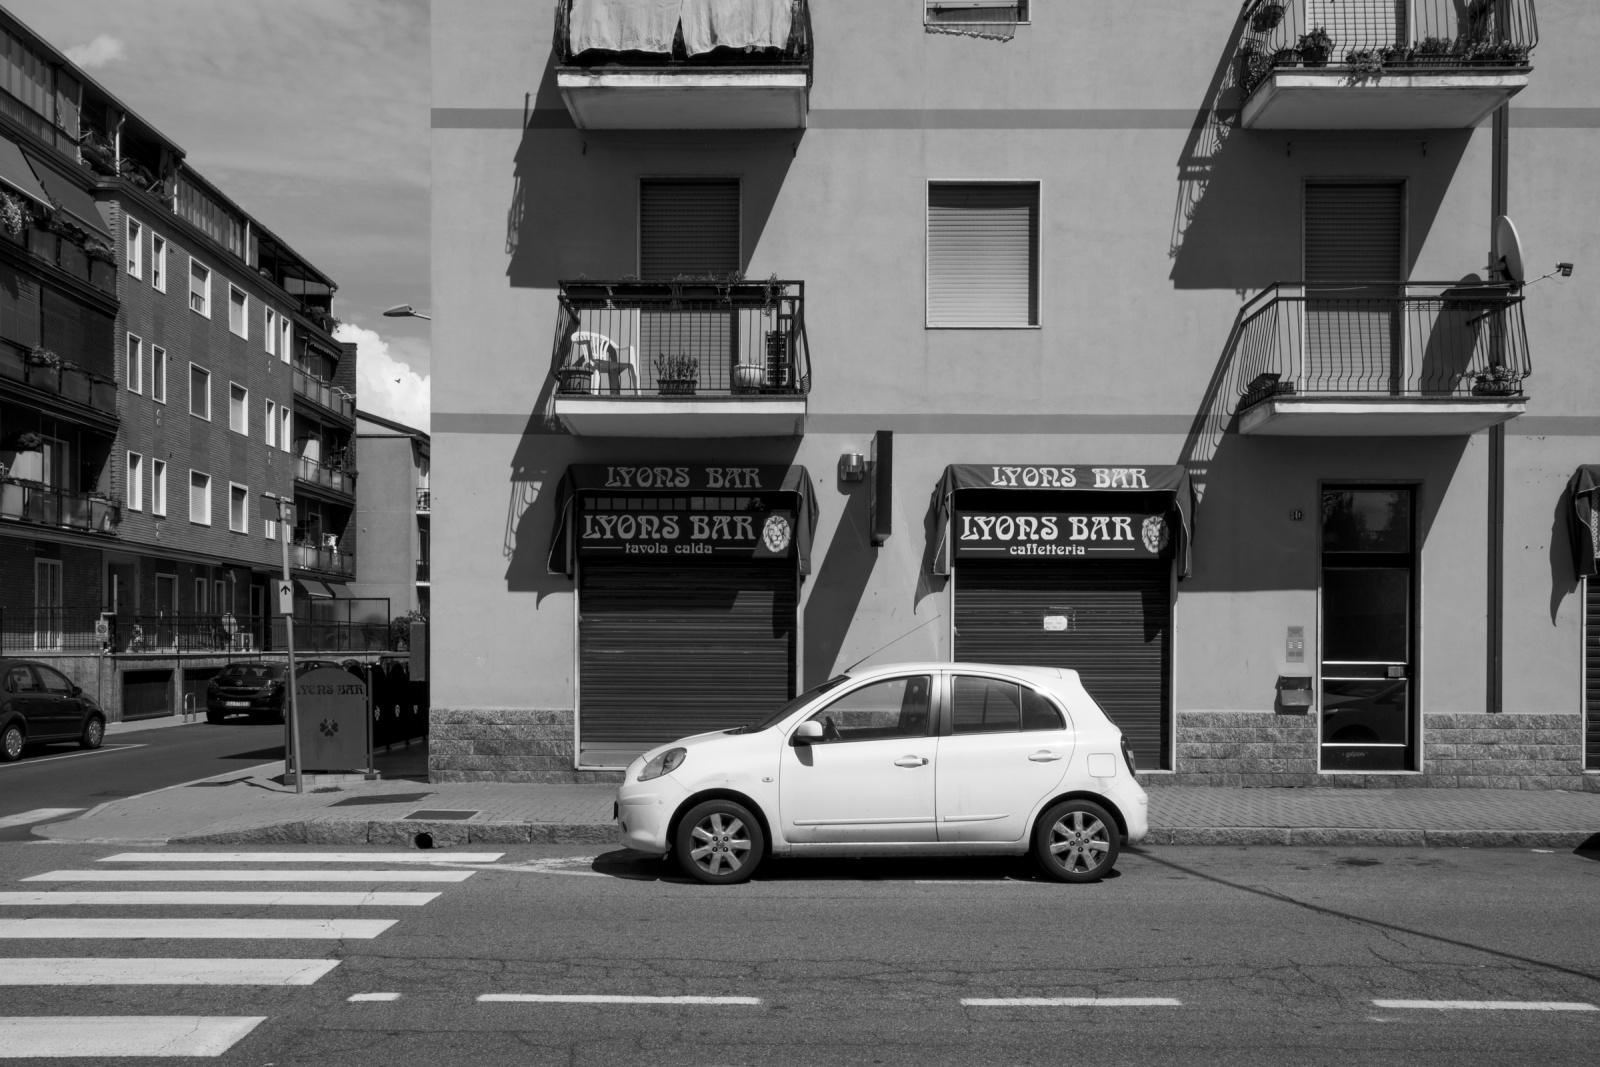 Via dei Mille, Buccinasco, Milano, 2015. Sentenza Nord-Sud, 1981: si svolge in un bar di Buccinasco uno dei più importanti summit di tutta la storia della 'Ndrangheta, tra i referenti delle 'Ndrine lombarde e i capi delle cosche calabresi. © Marco Barbieri.